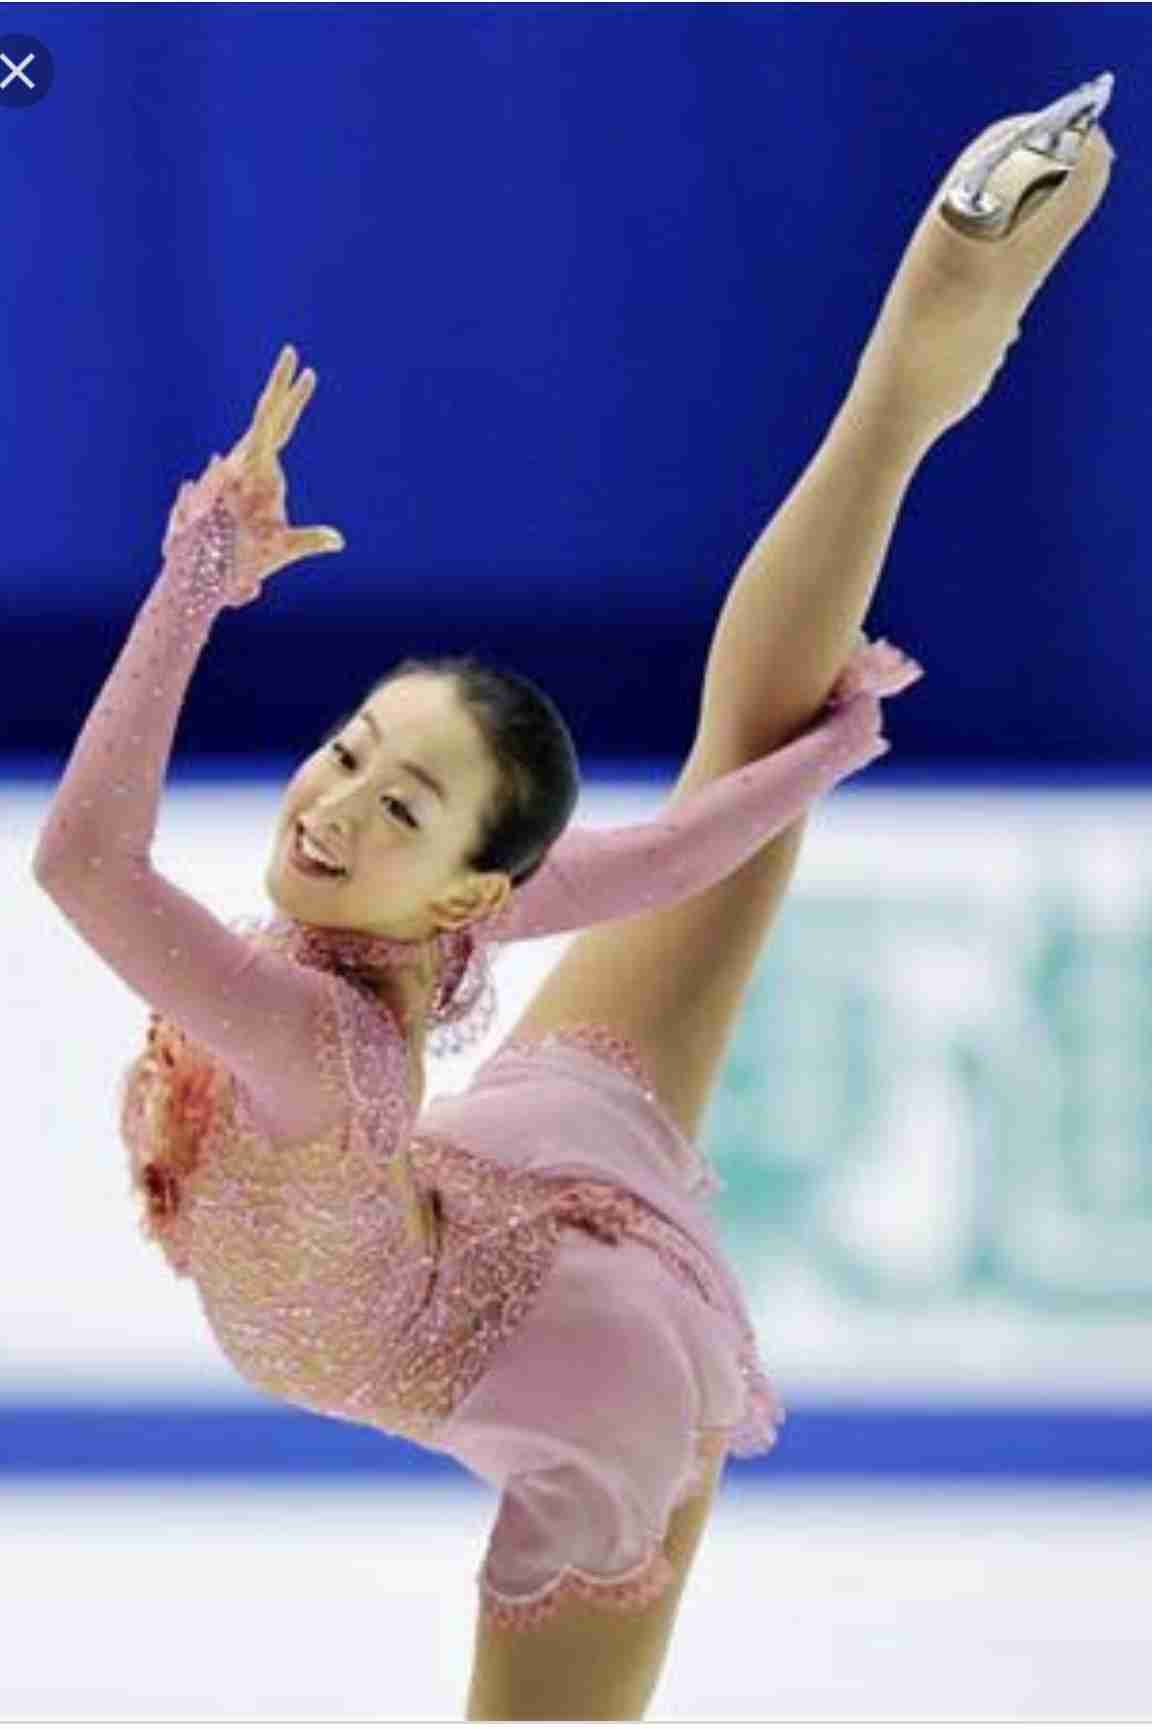 浅田真央さん スケーティング生披露 大みそか特番で一夜限り復活